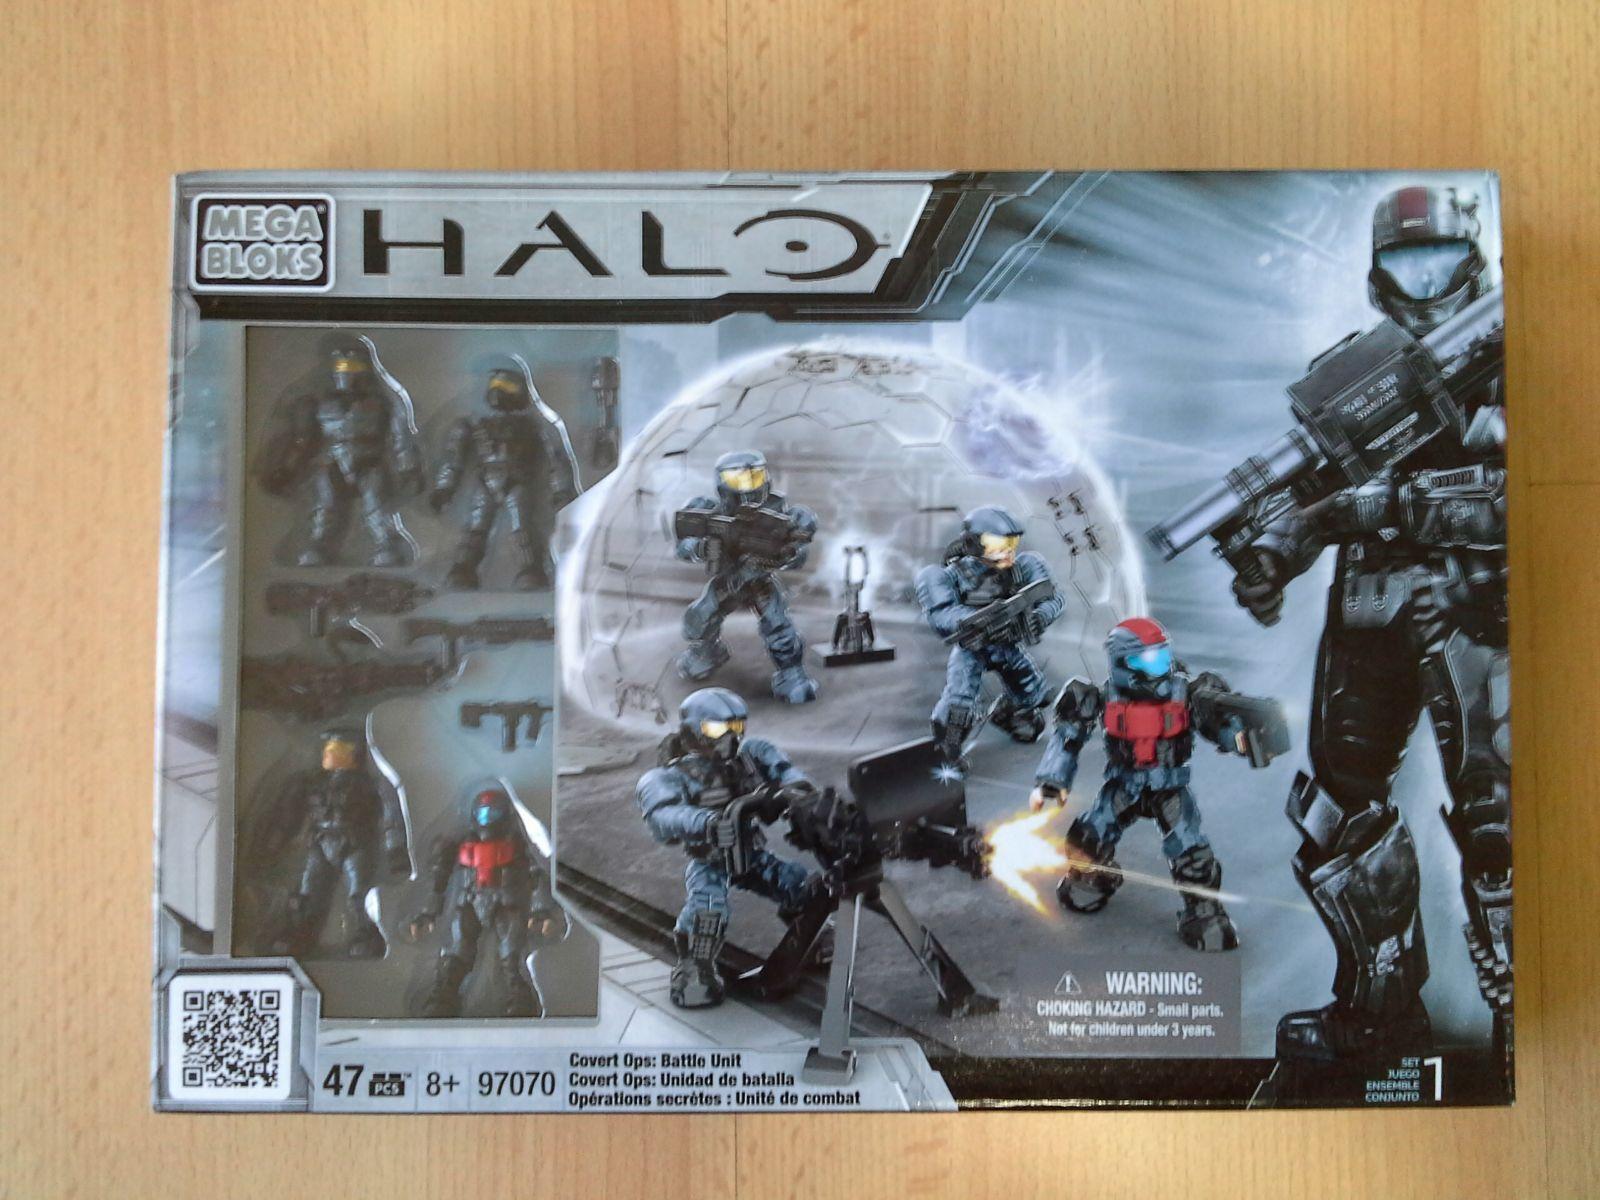 Halo Mega Bloks Unsc operaciones encubiertas conjunto de unidad de batalla, Sellados Pack 97070 Construx